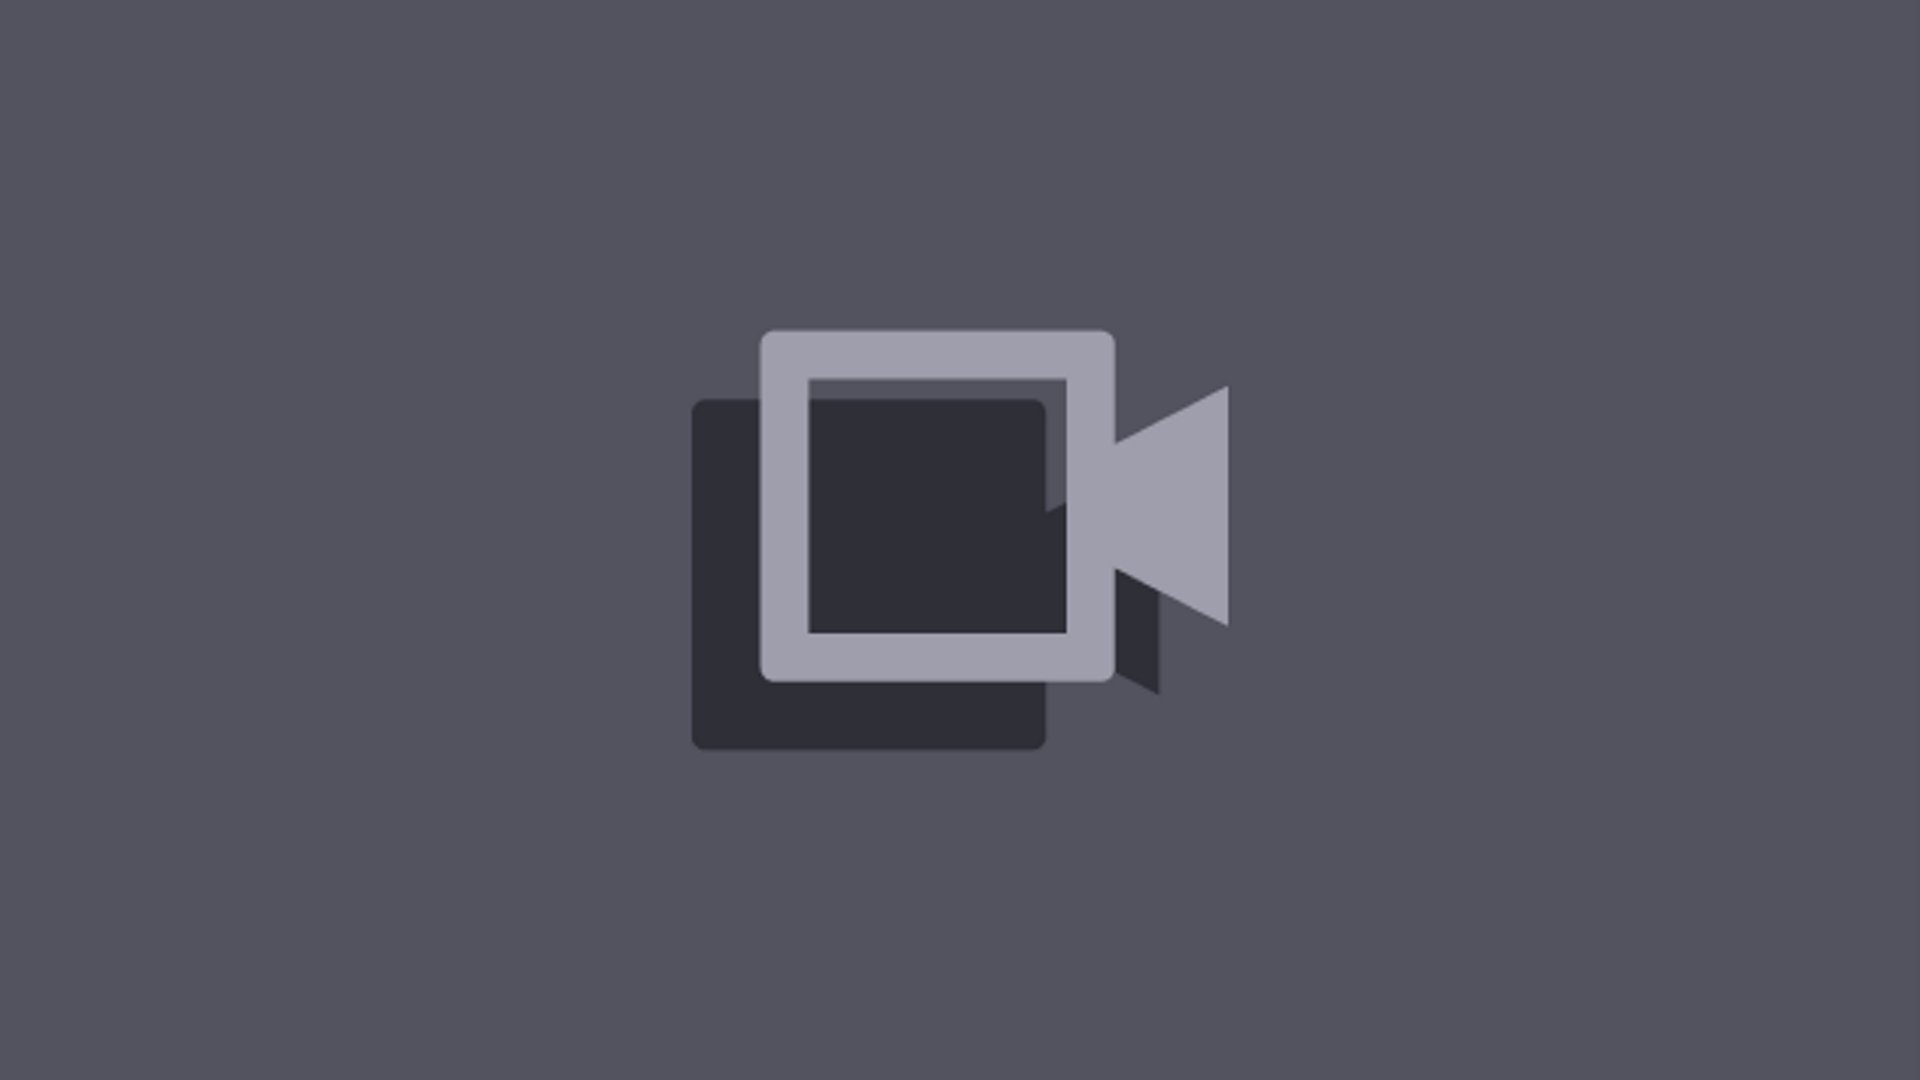 ❤小香千歲。音樂x聊天~徵畫師畫插圖&圖文美工 ✠3/25 魔靈契約✠